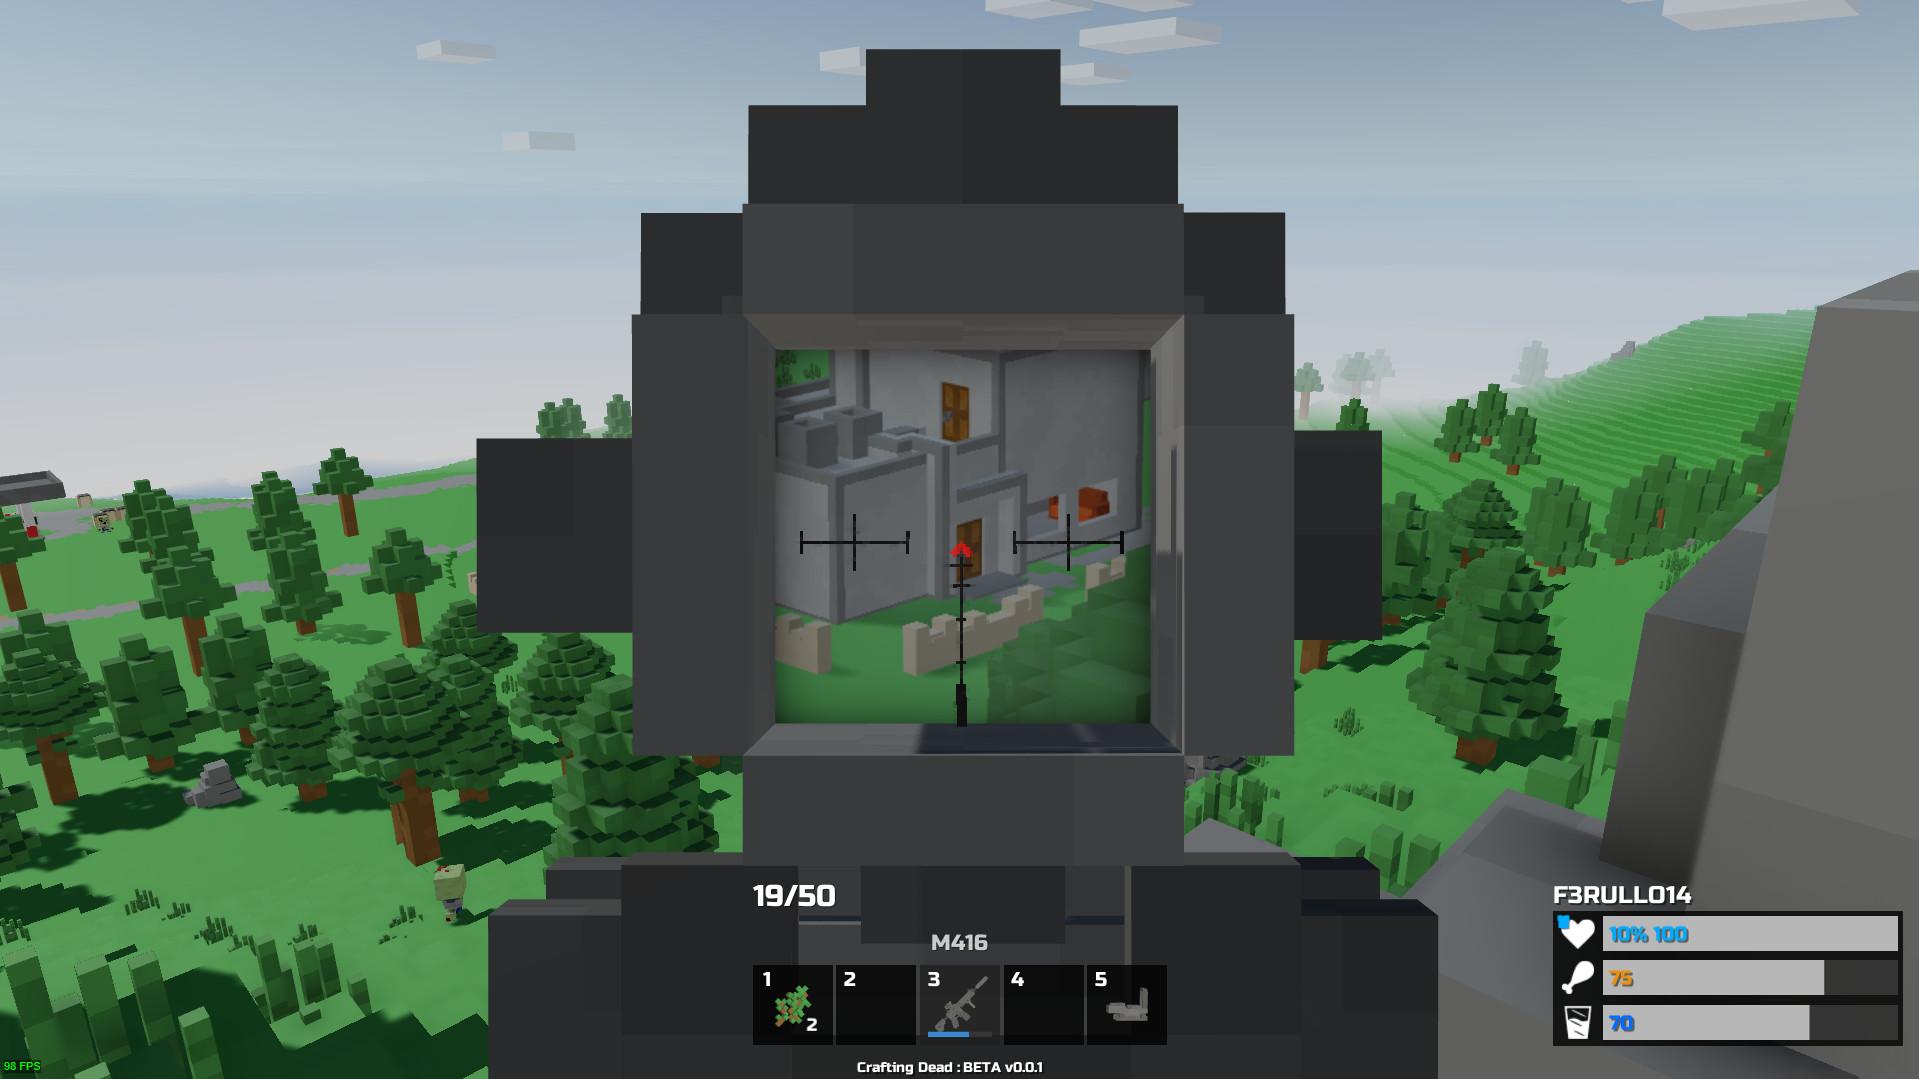 Crafting Dead On Steam - Minecraft spiele mit zombies